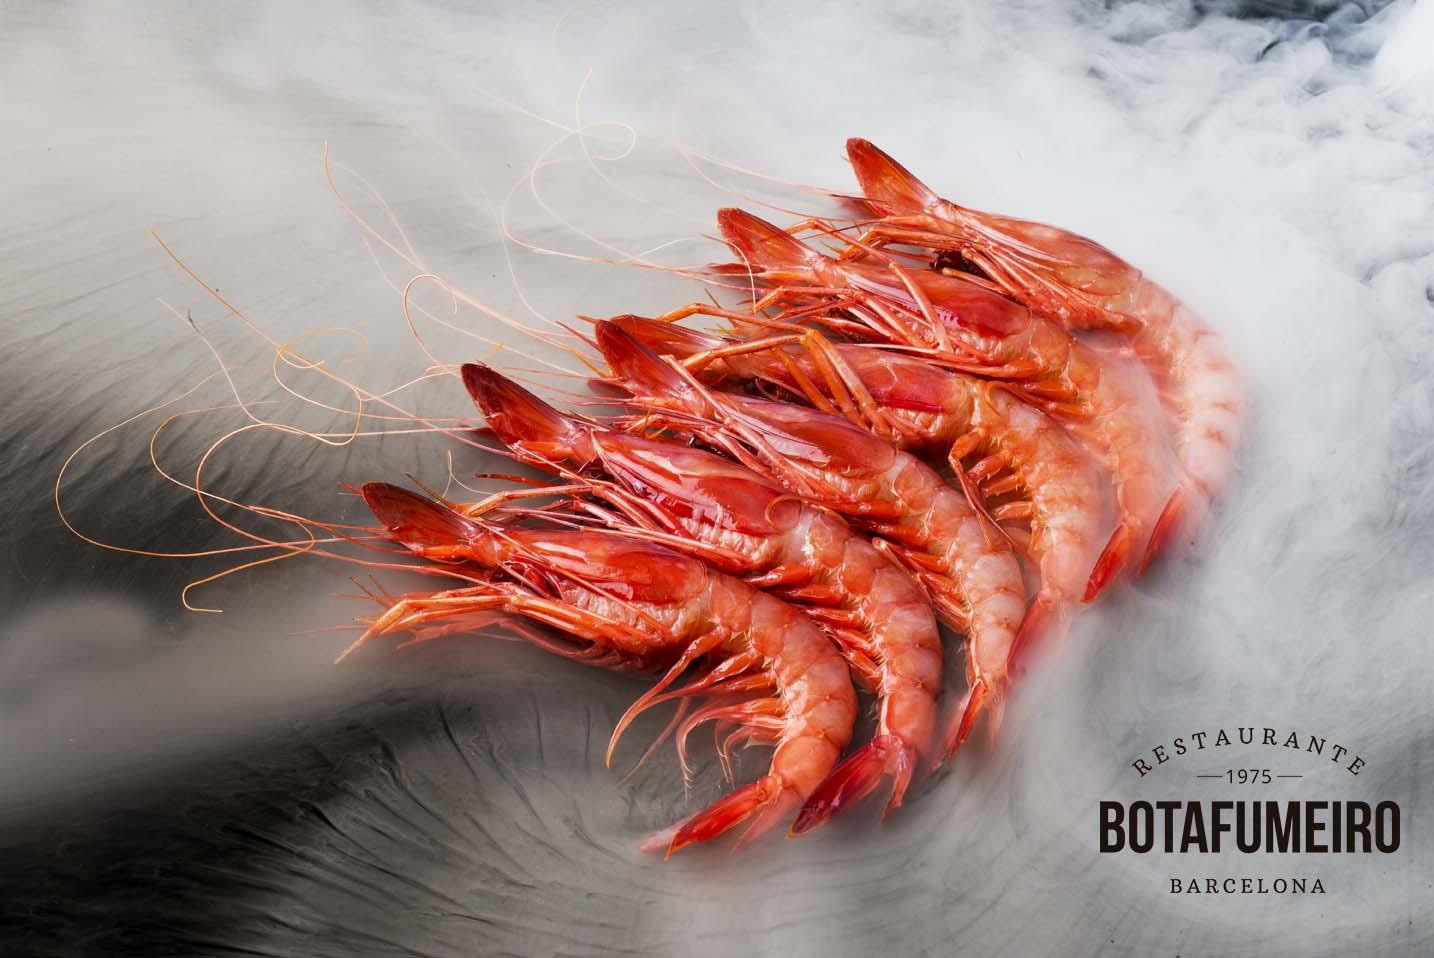 Cocina en Vivo Botafumeiro